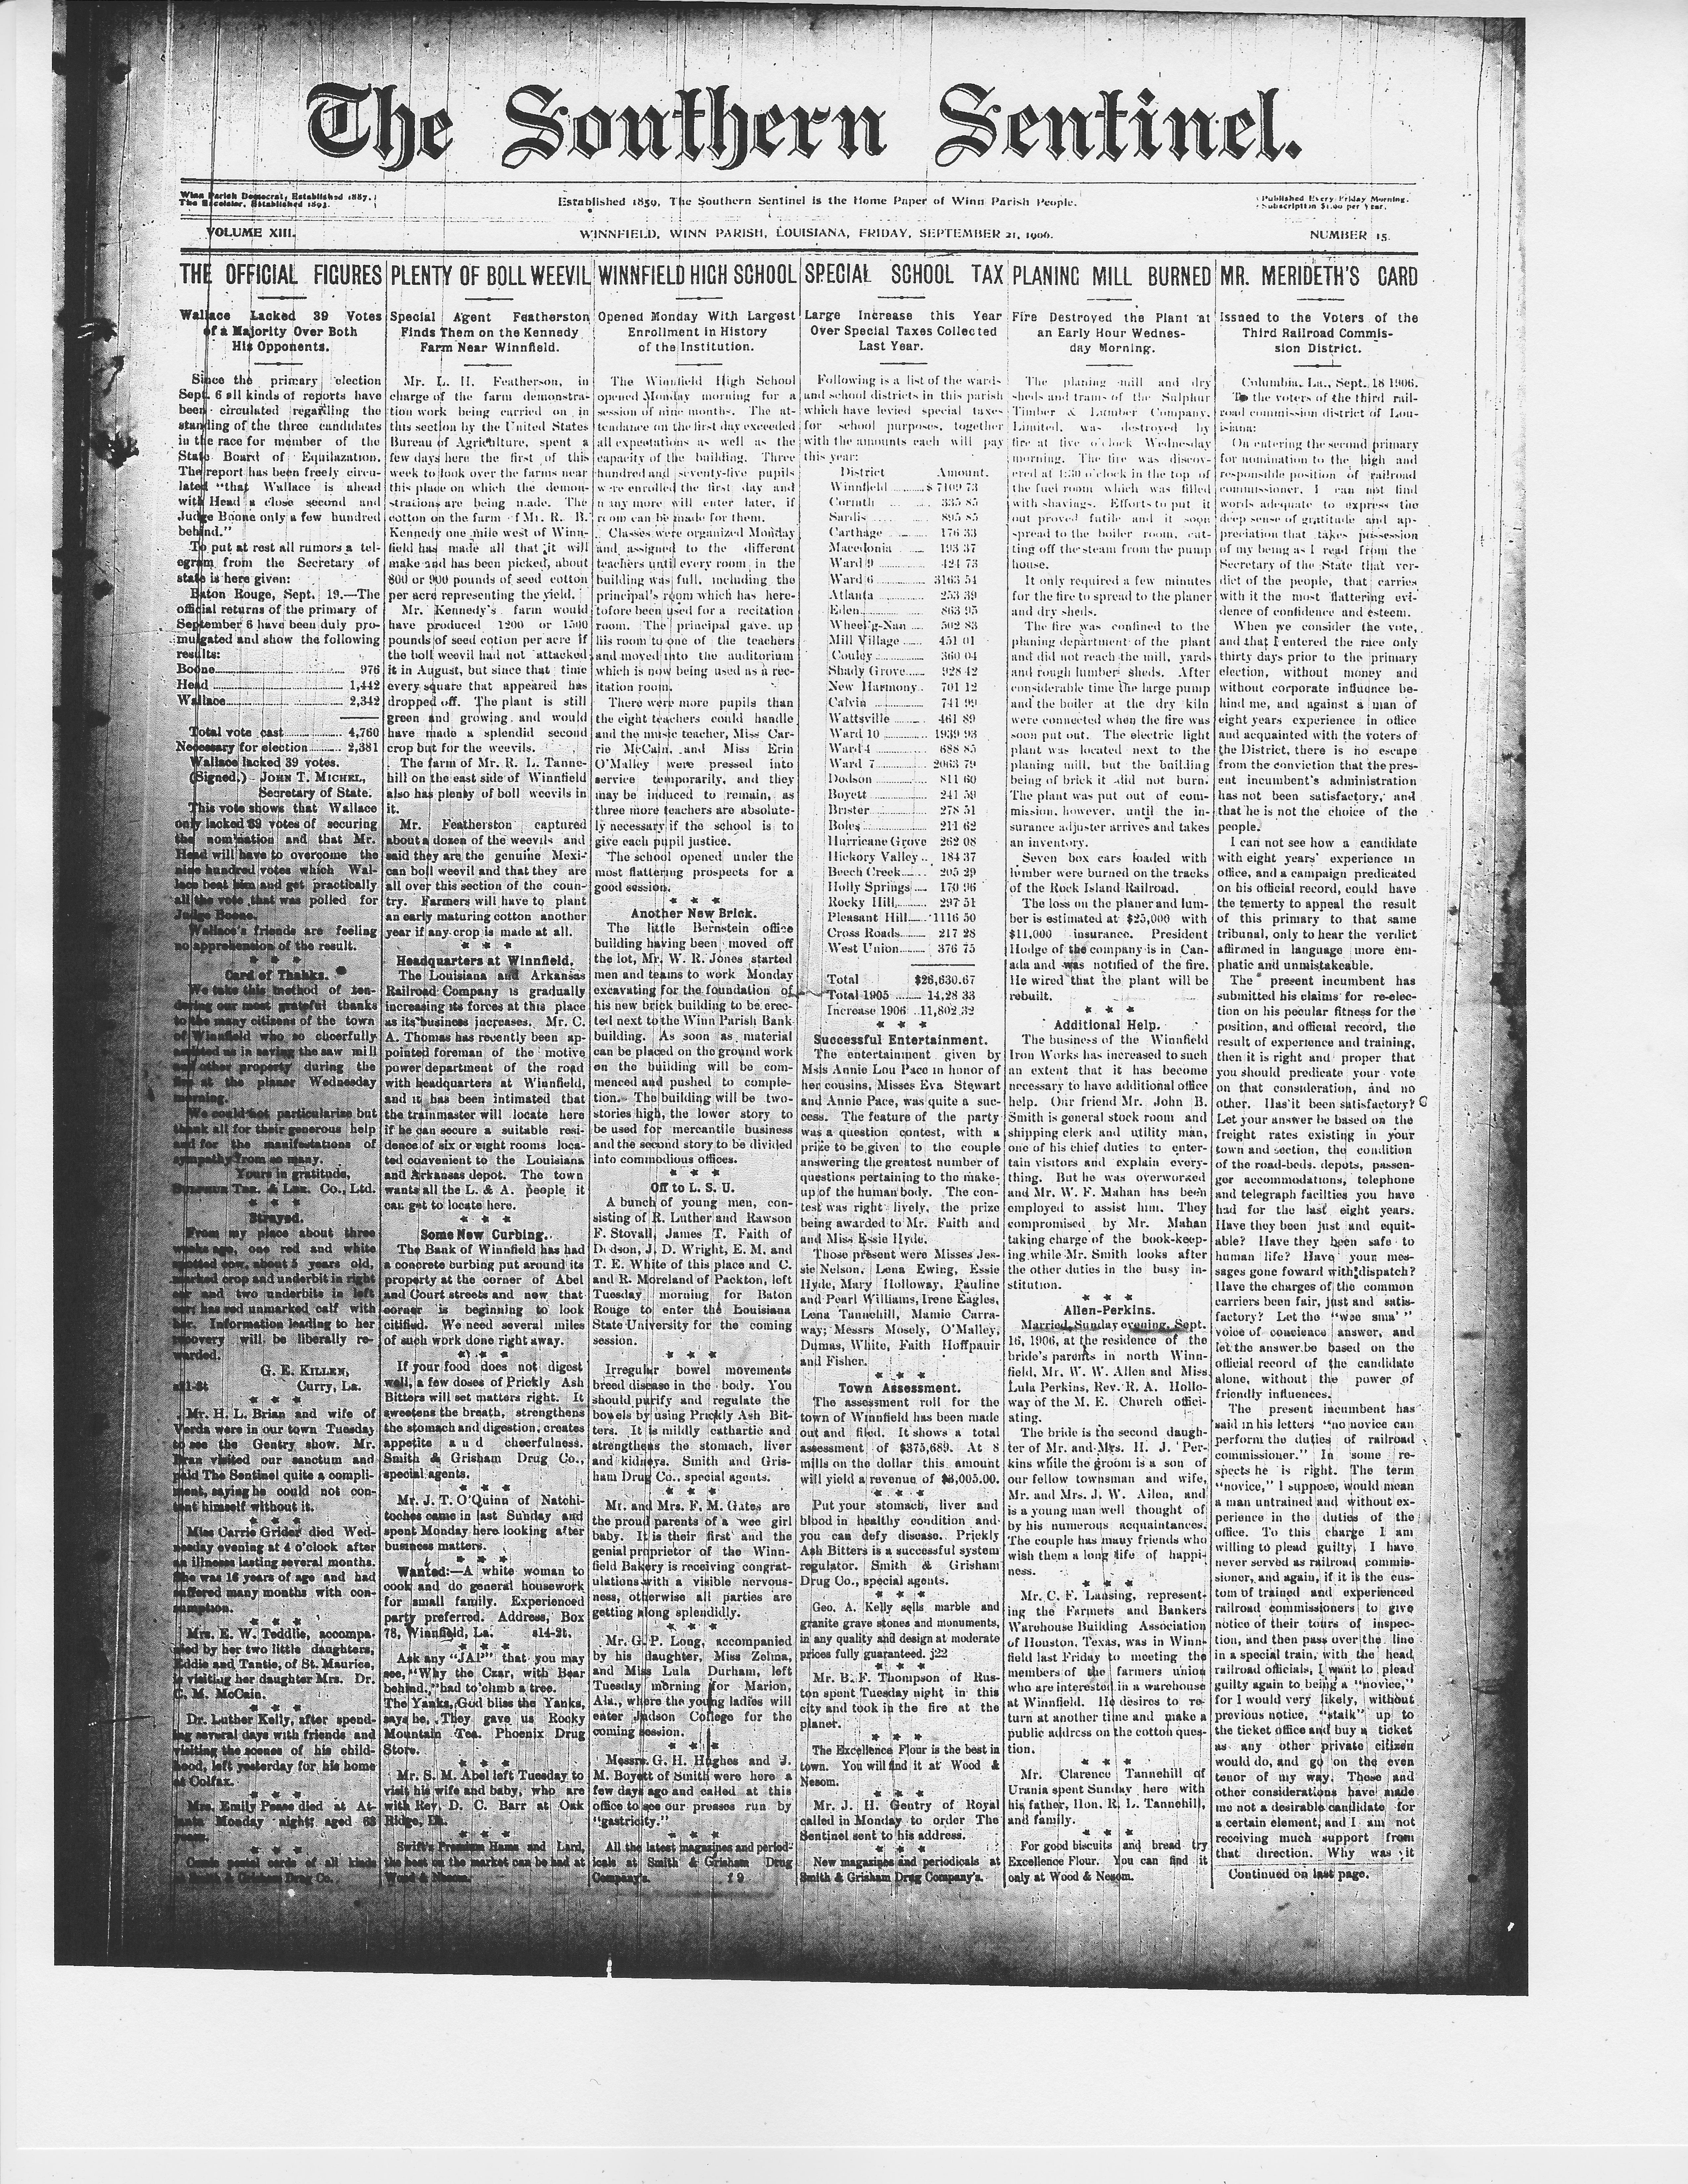 Sept. 21, Planer Burned (1906)